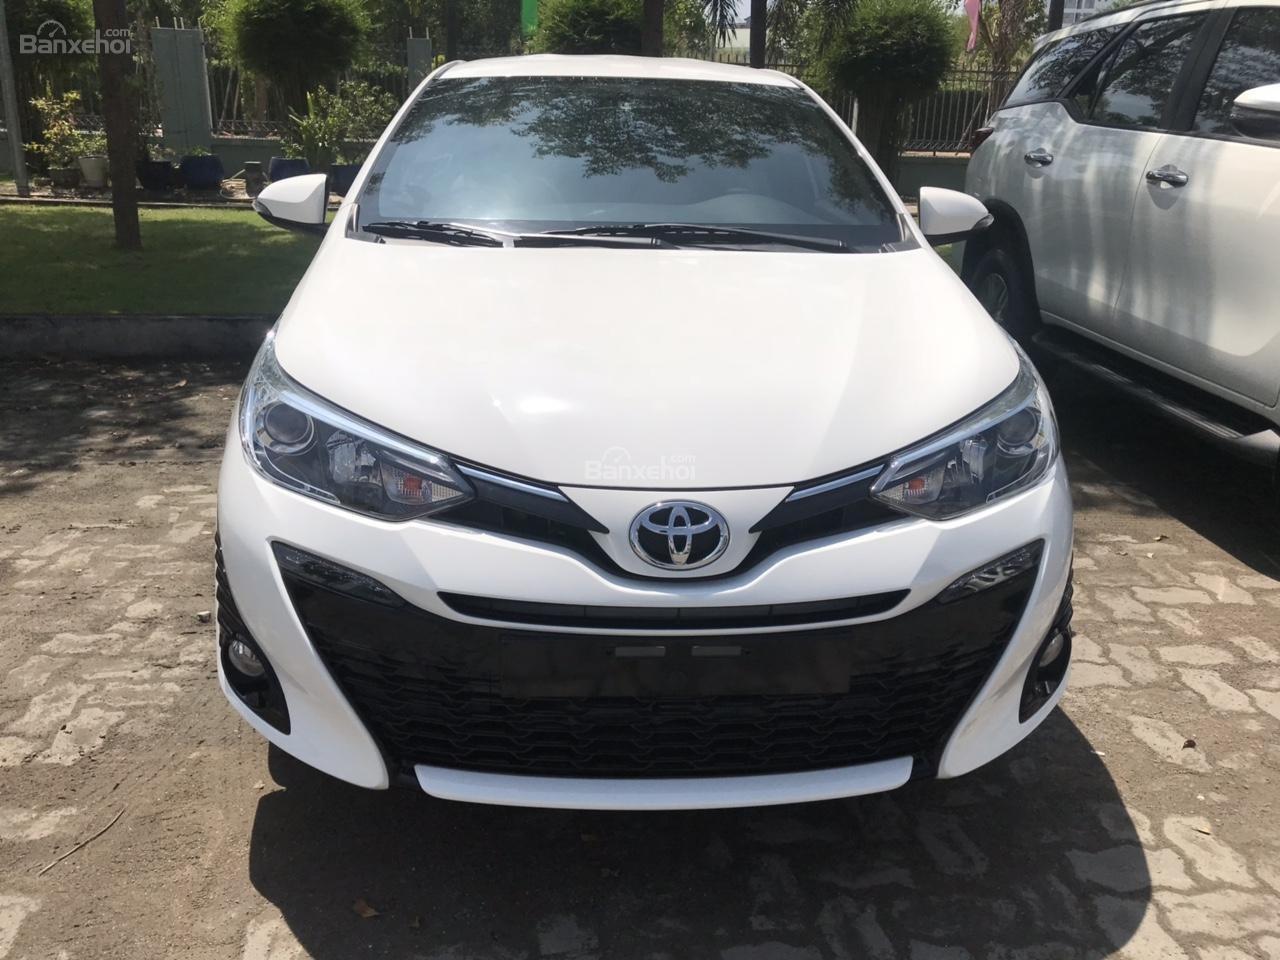 Bán Toyota Yaris nhập khẩu Thái Lan - Giá ưu đãi, xe giao ngay đủ màu, liên hệ 0902.1717.20 nhận ngay ưu đãi-0